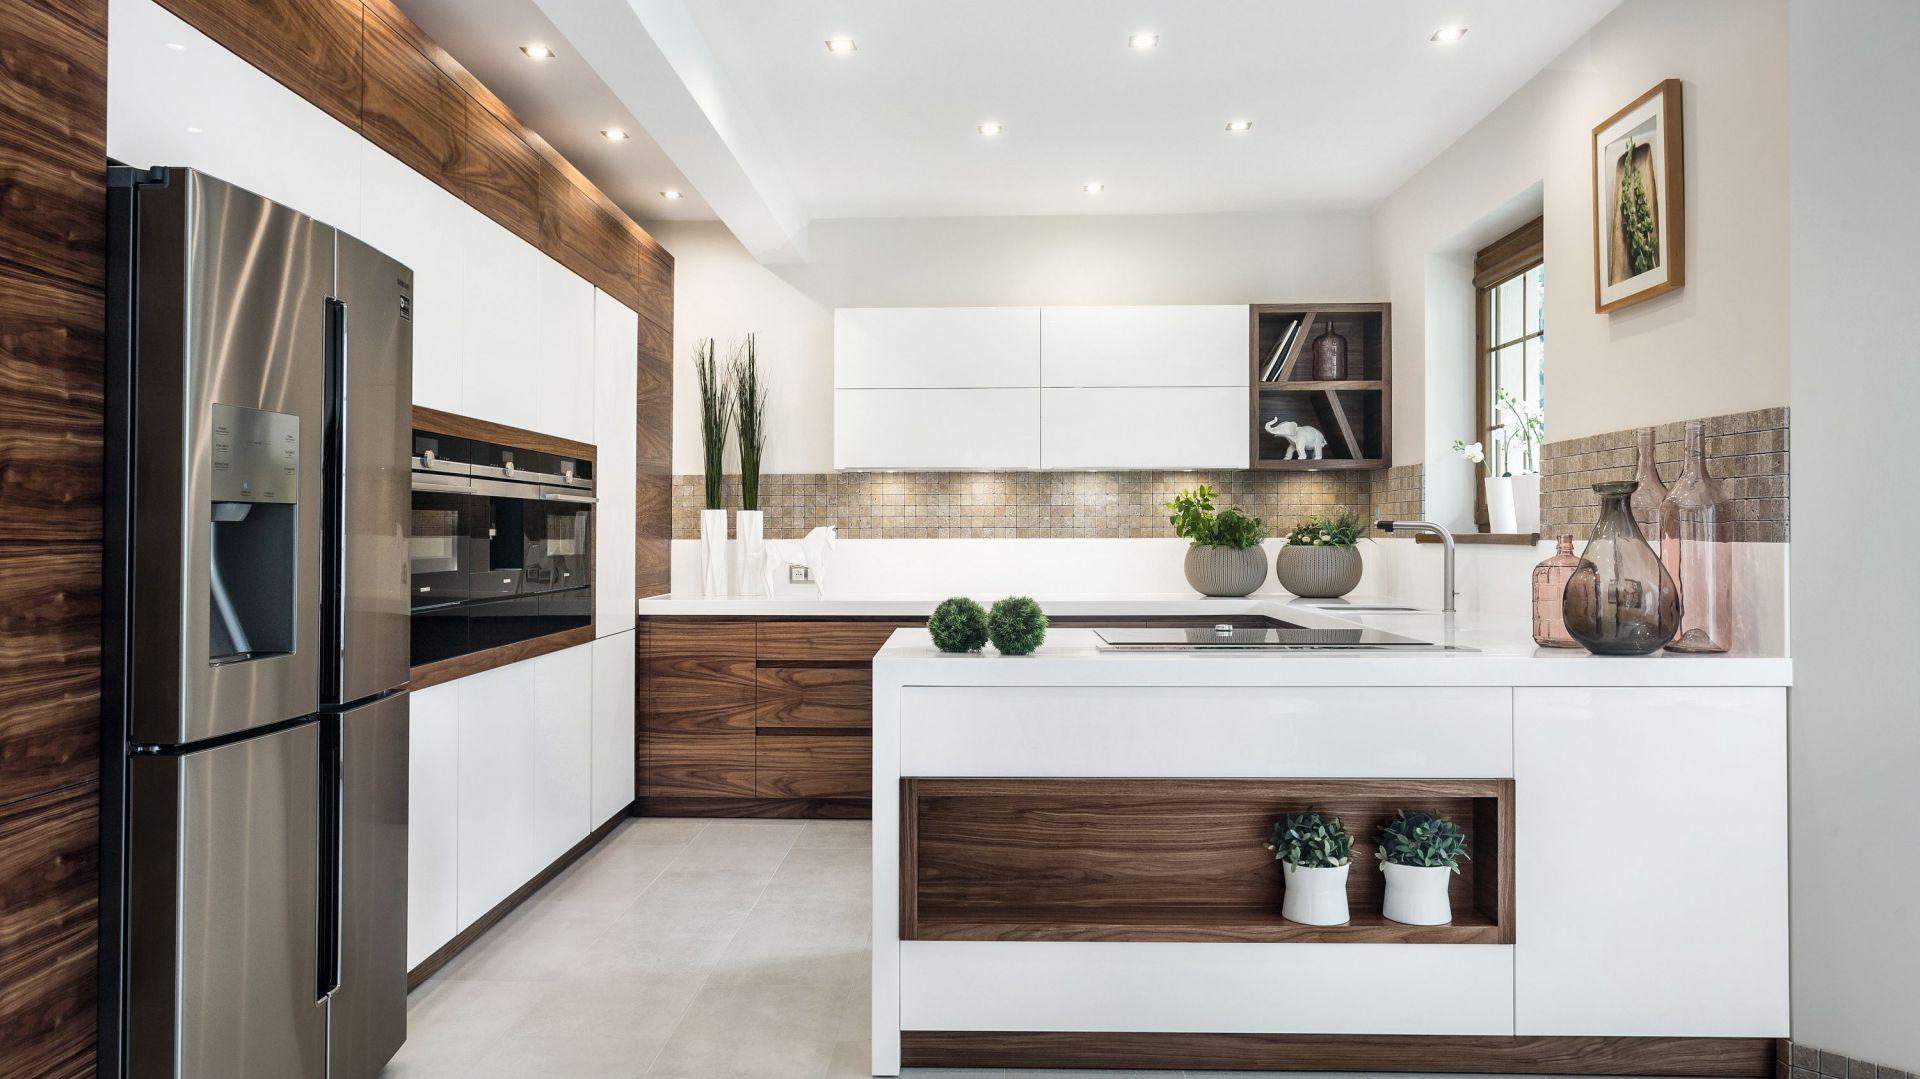 Biała kuchnia ocieplona drewnem - 20 pięknych aranżacji. Projekt Meble Vigo